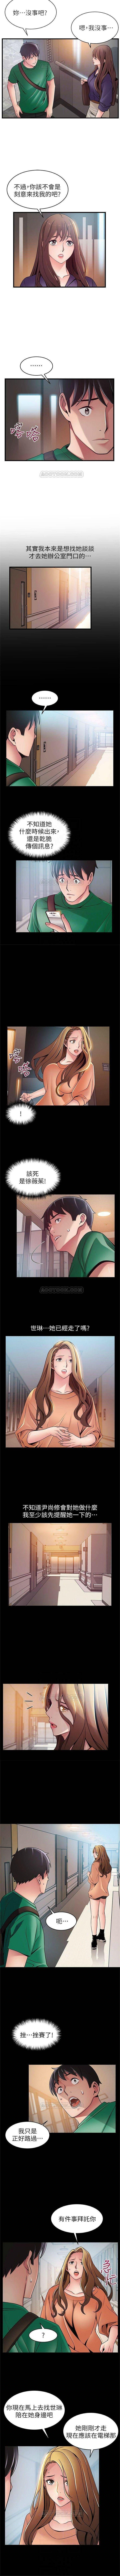 (週7)弱點 1-76 中文翻譯(更新中) 377